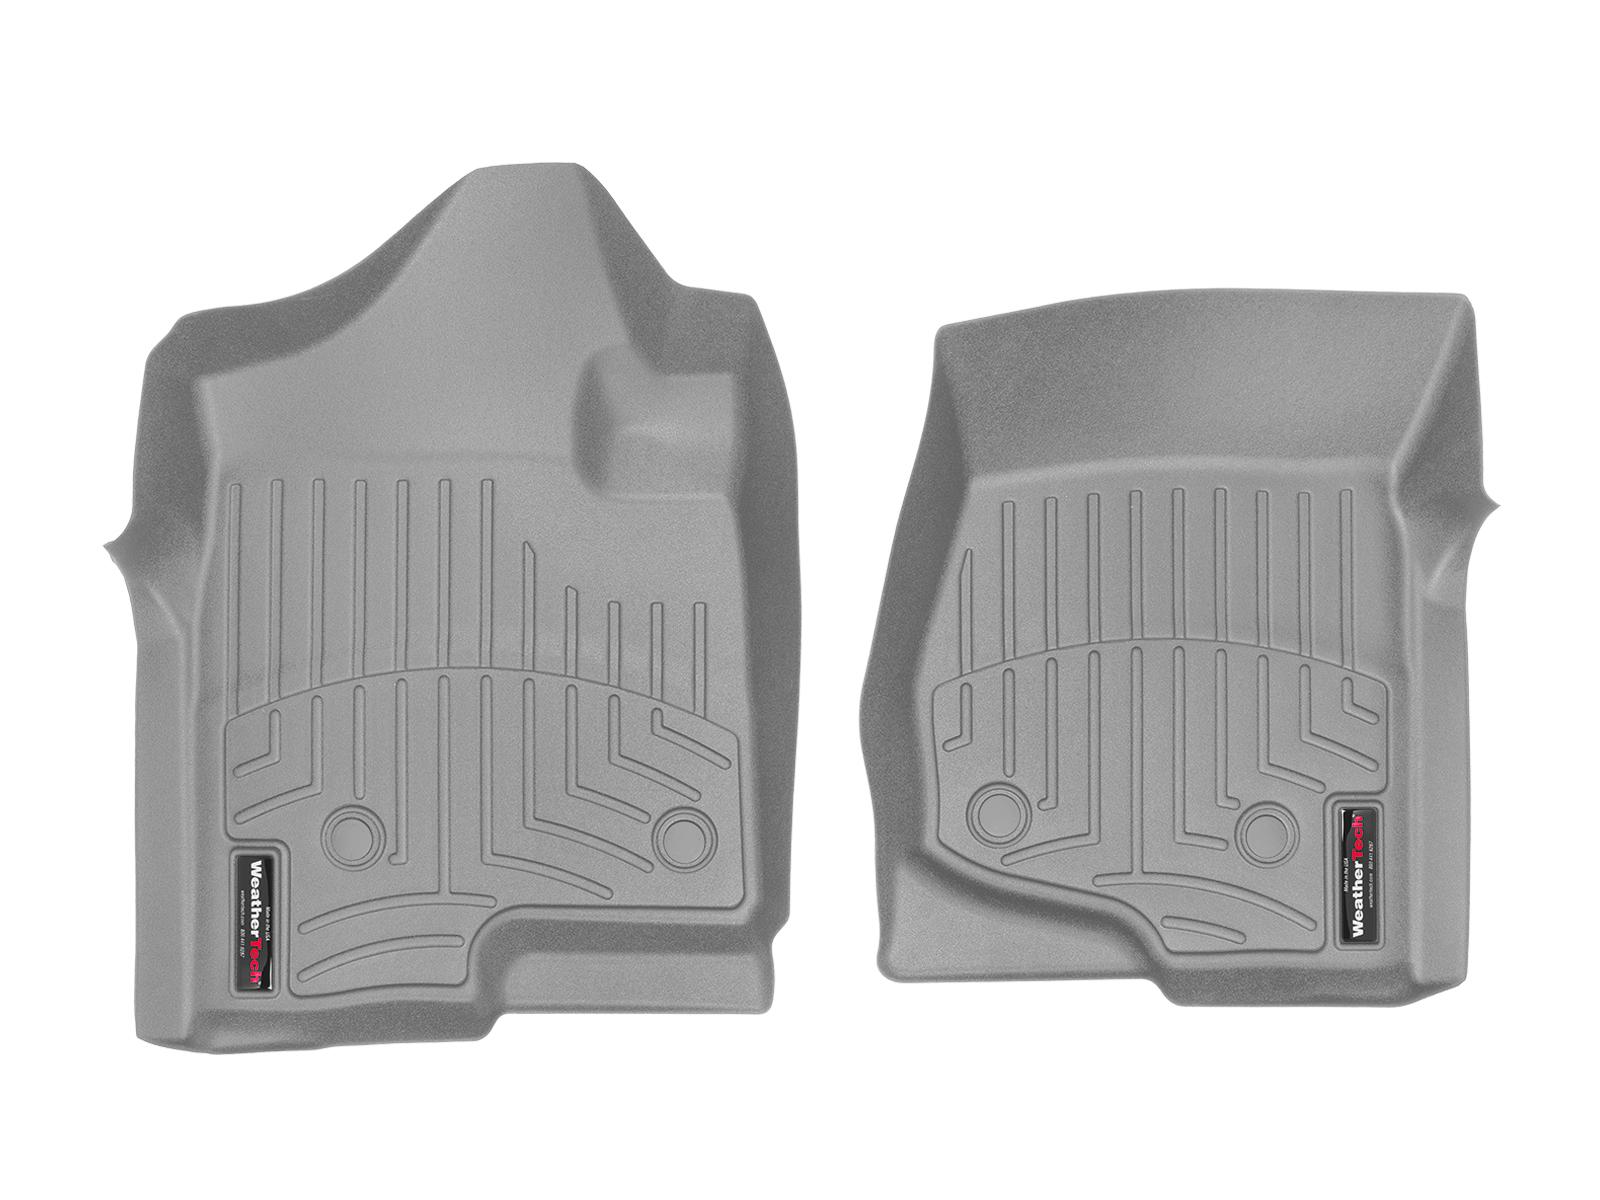 Tappeti gomma su misura bordo alto Chevrolet Silverado 08>13 Grigio A174